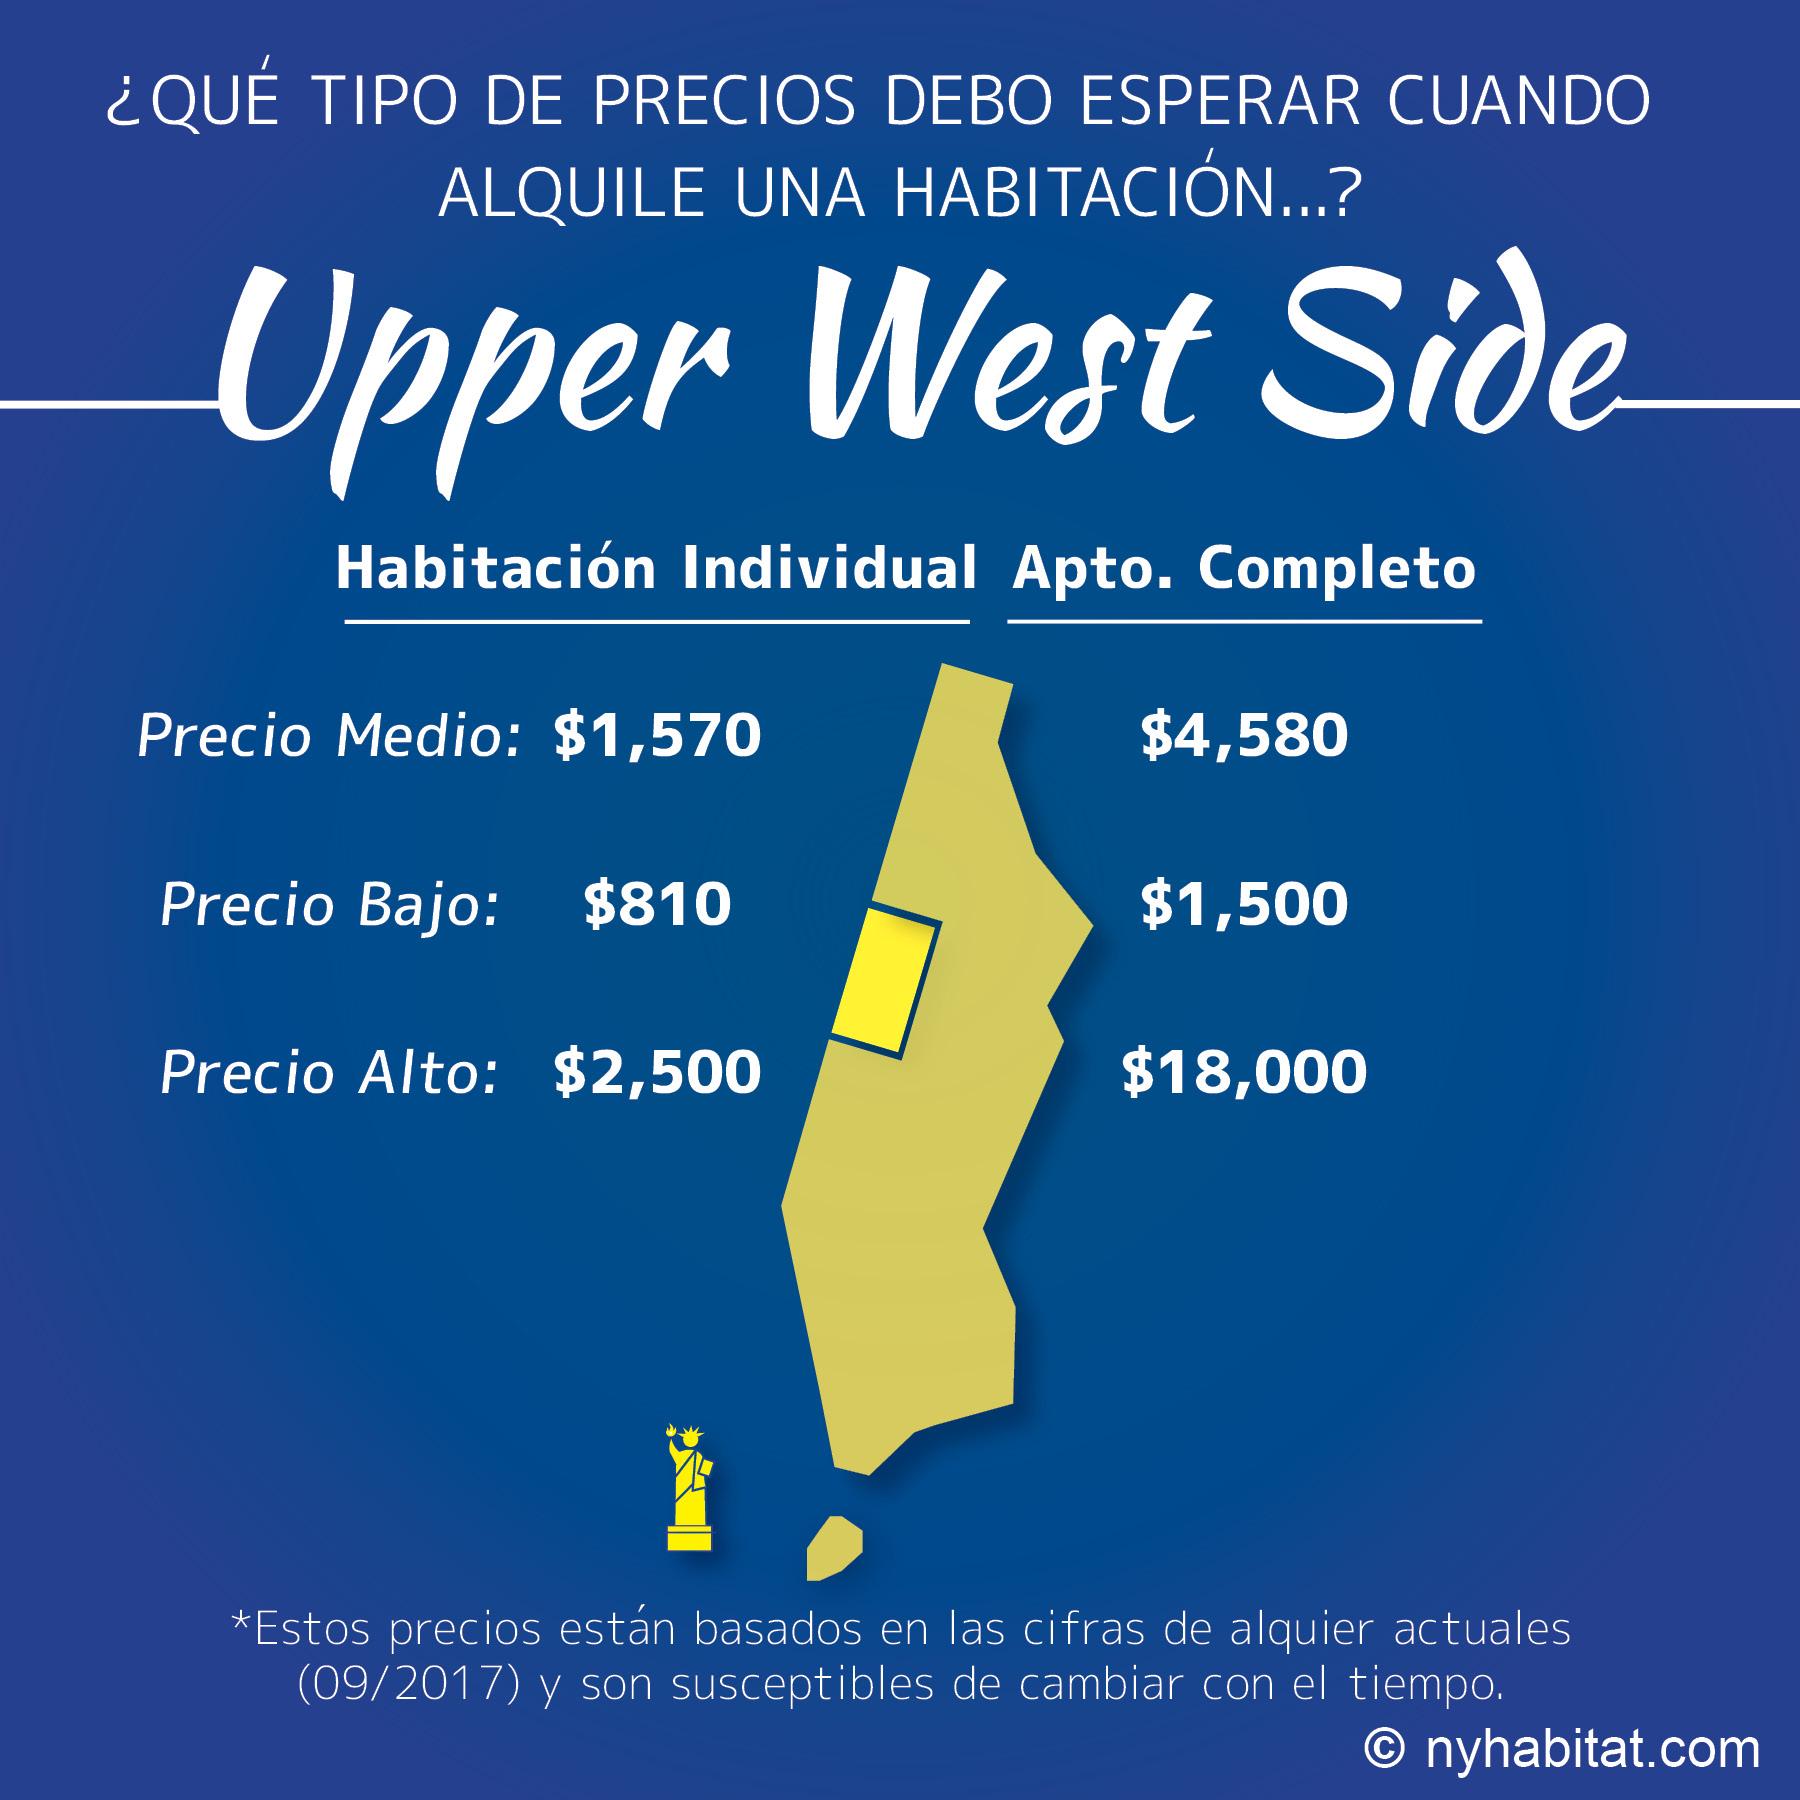 Infografía de los precios de las habitaciones comparados con los de los apartamentos de Upper West Side